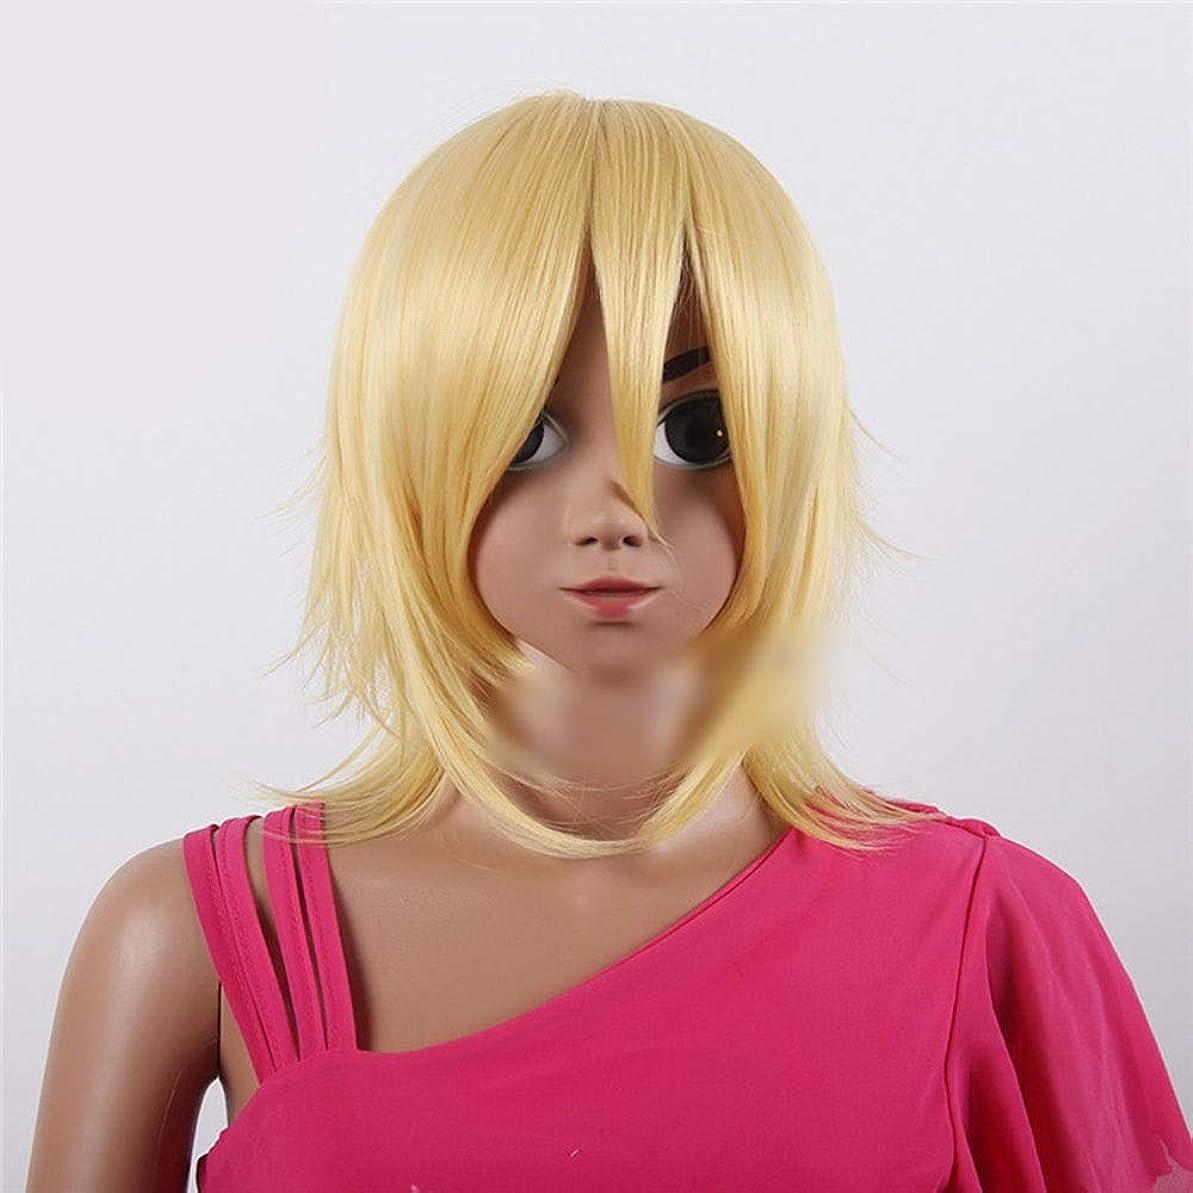 銀に対応する攻撃的Mayalina 女性の短い黄色の髪 - 肩の長さのコスプレパーティーハロウィンコスチューム女性の合成かつらレースかつらロールプレイングかつら (色 : イエロー)